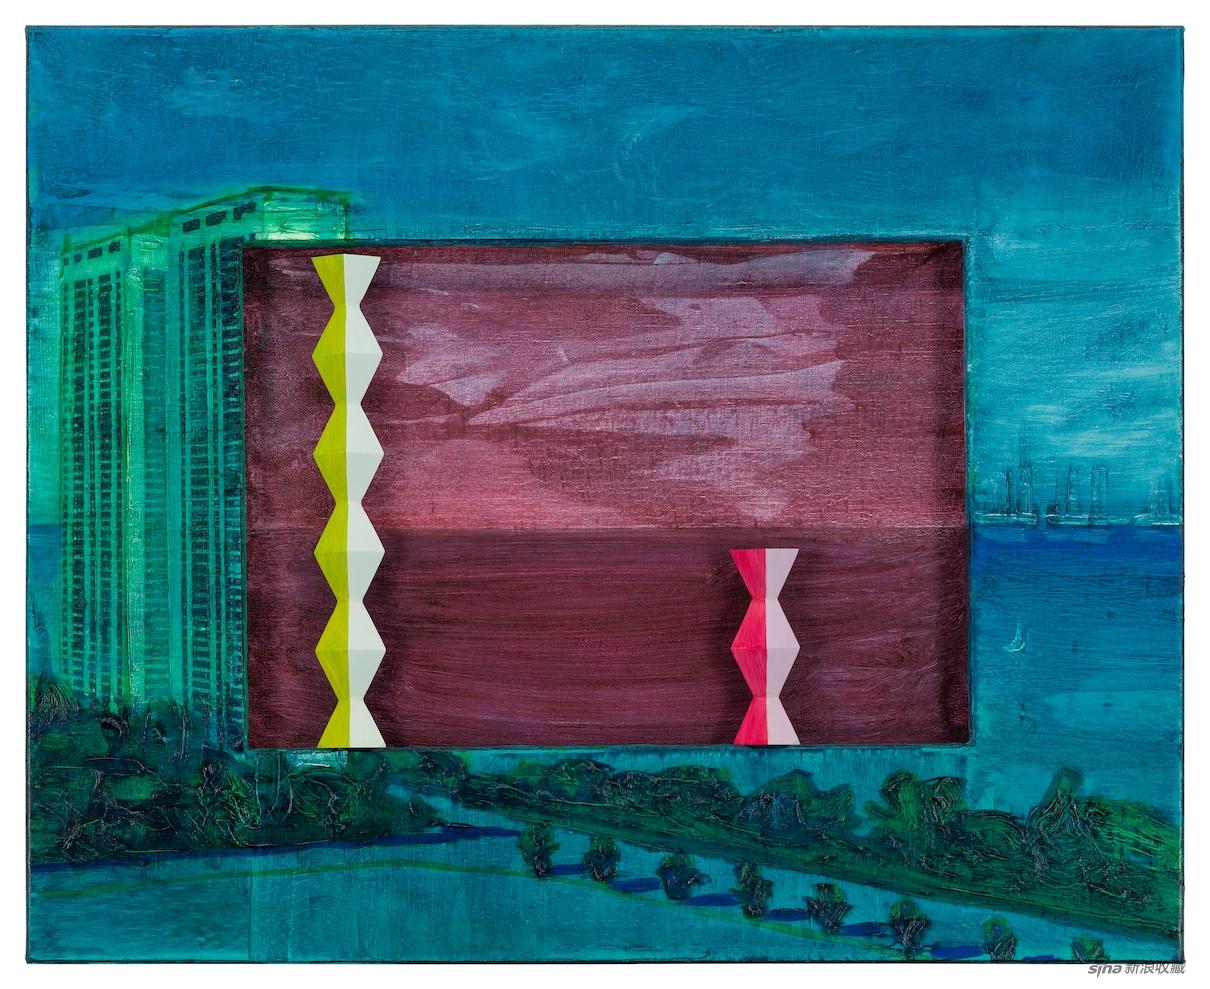 布朗库西公寓,油彩、画布、木,65 × 80 × 5cm,2020